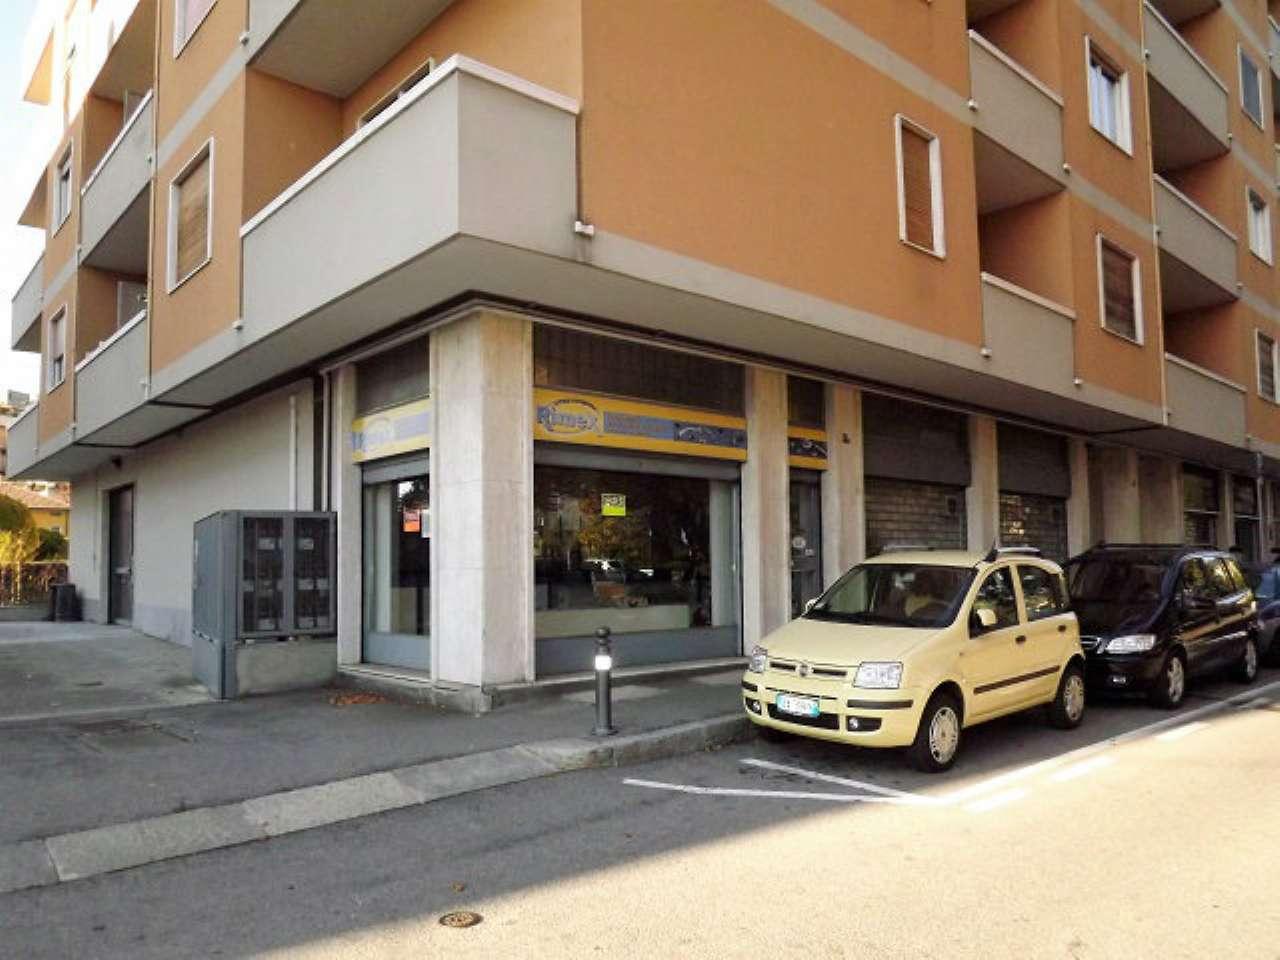 Negozio / Locale in vendita a Bergamo, 3 locali, prezzo € 380.000   CambioCasa.it